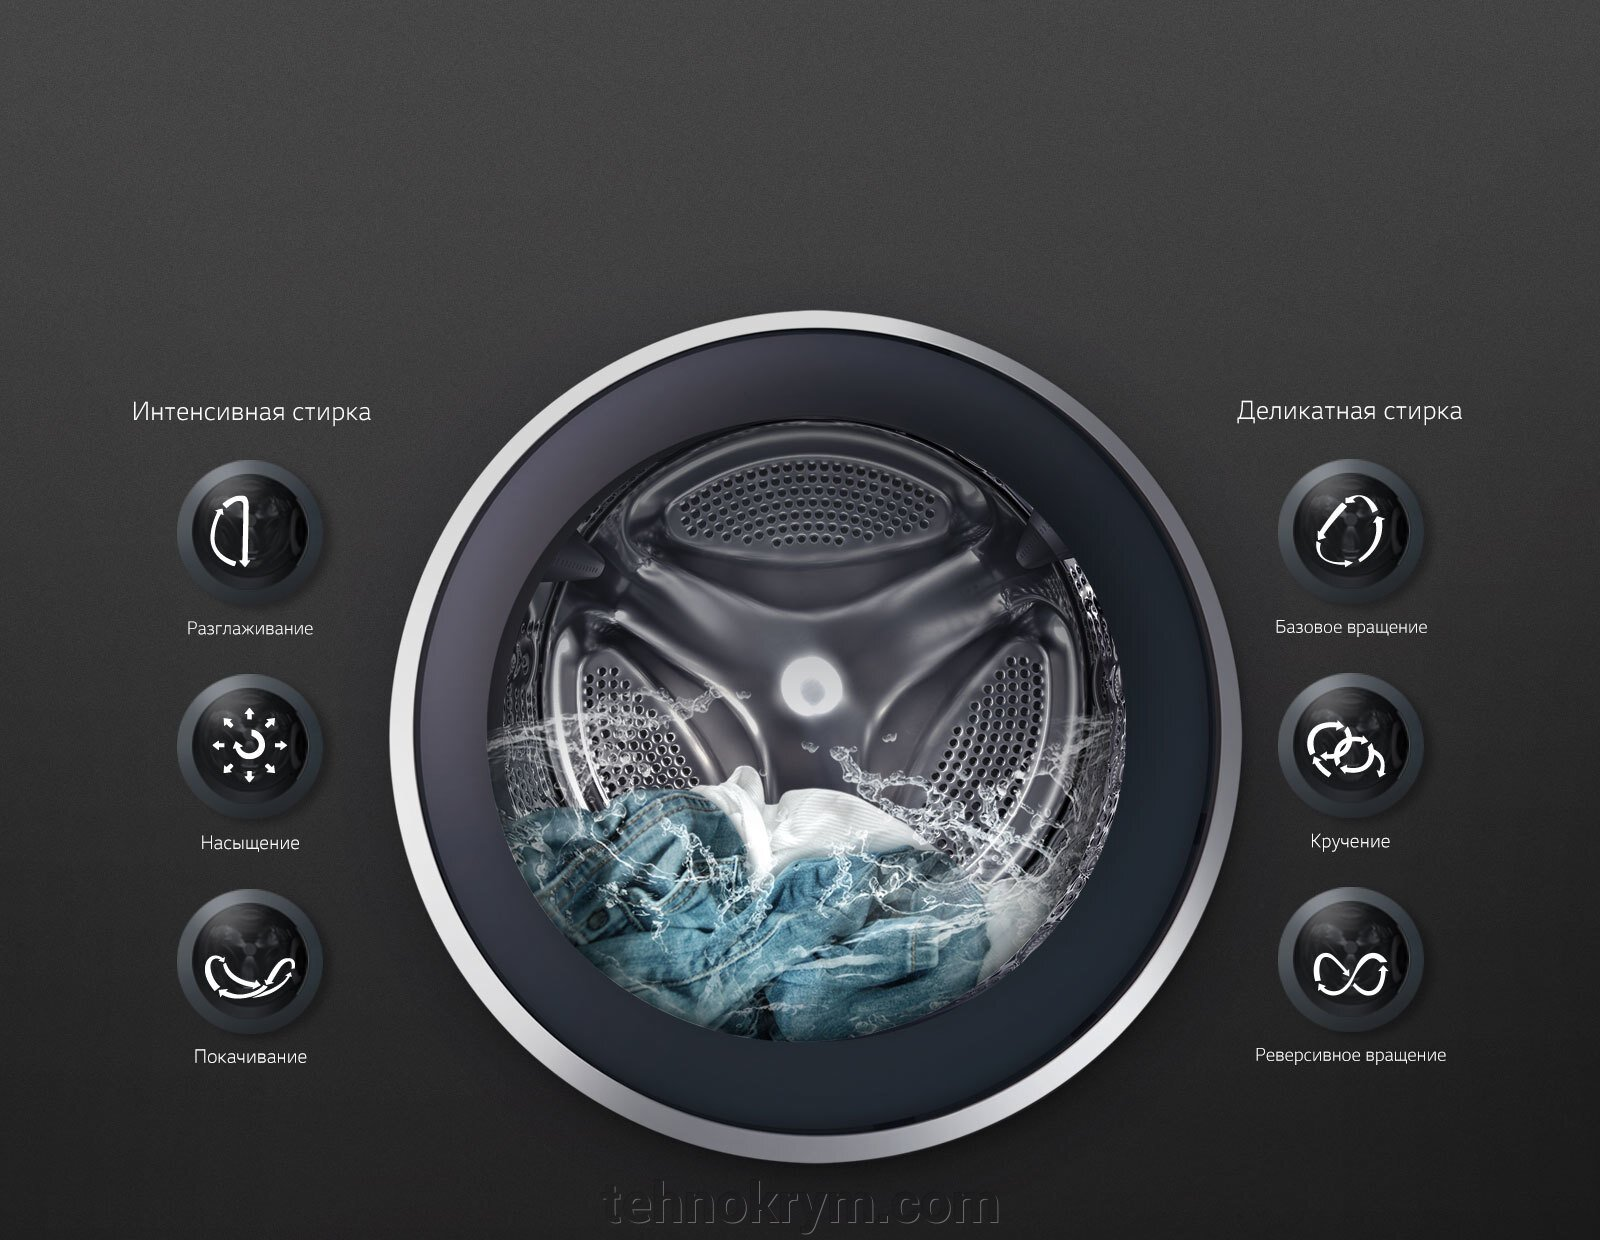 Стиральная машина LG FH2G6TD2 - фото Стиральная машина LG FH2G6TD2